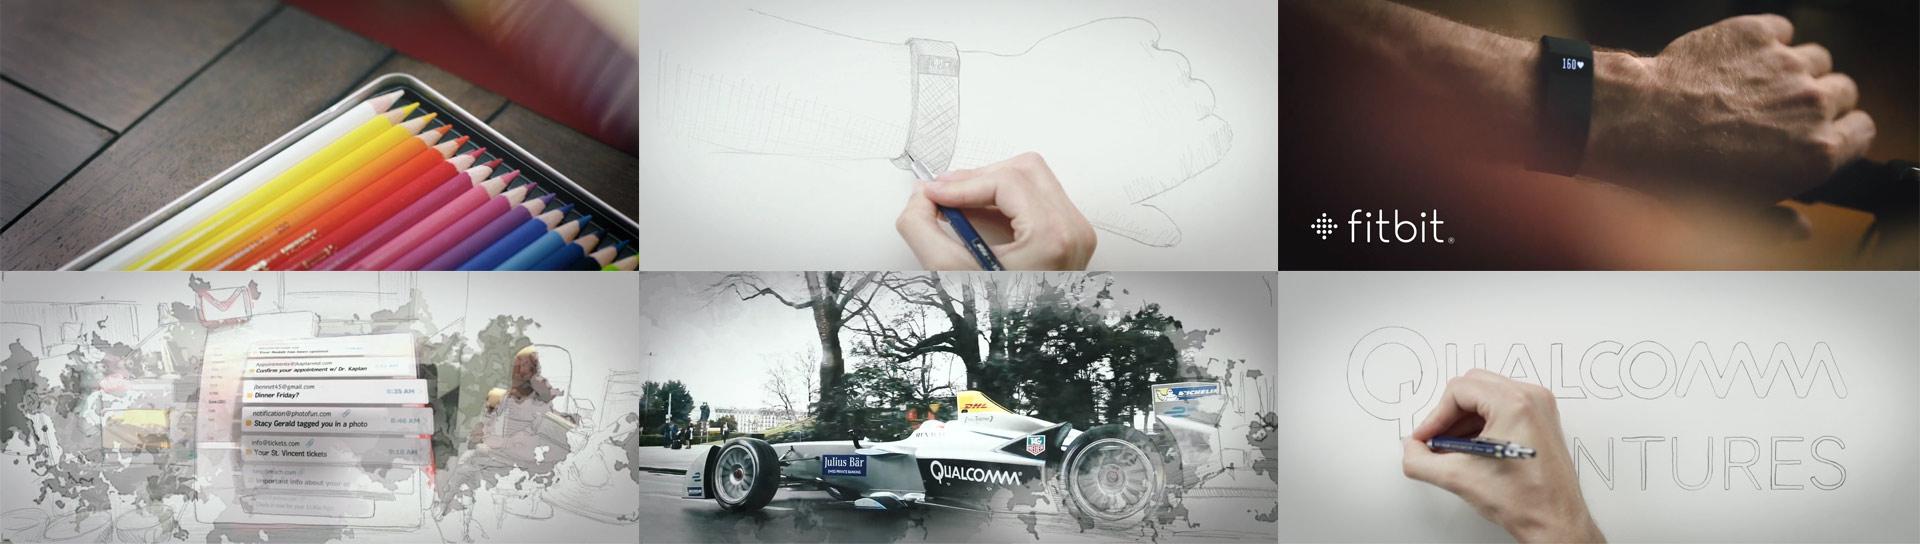 QCVentures_Draw.jpg